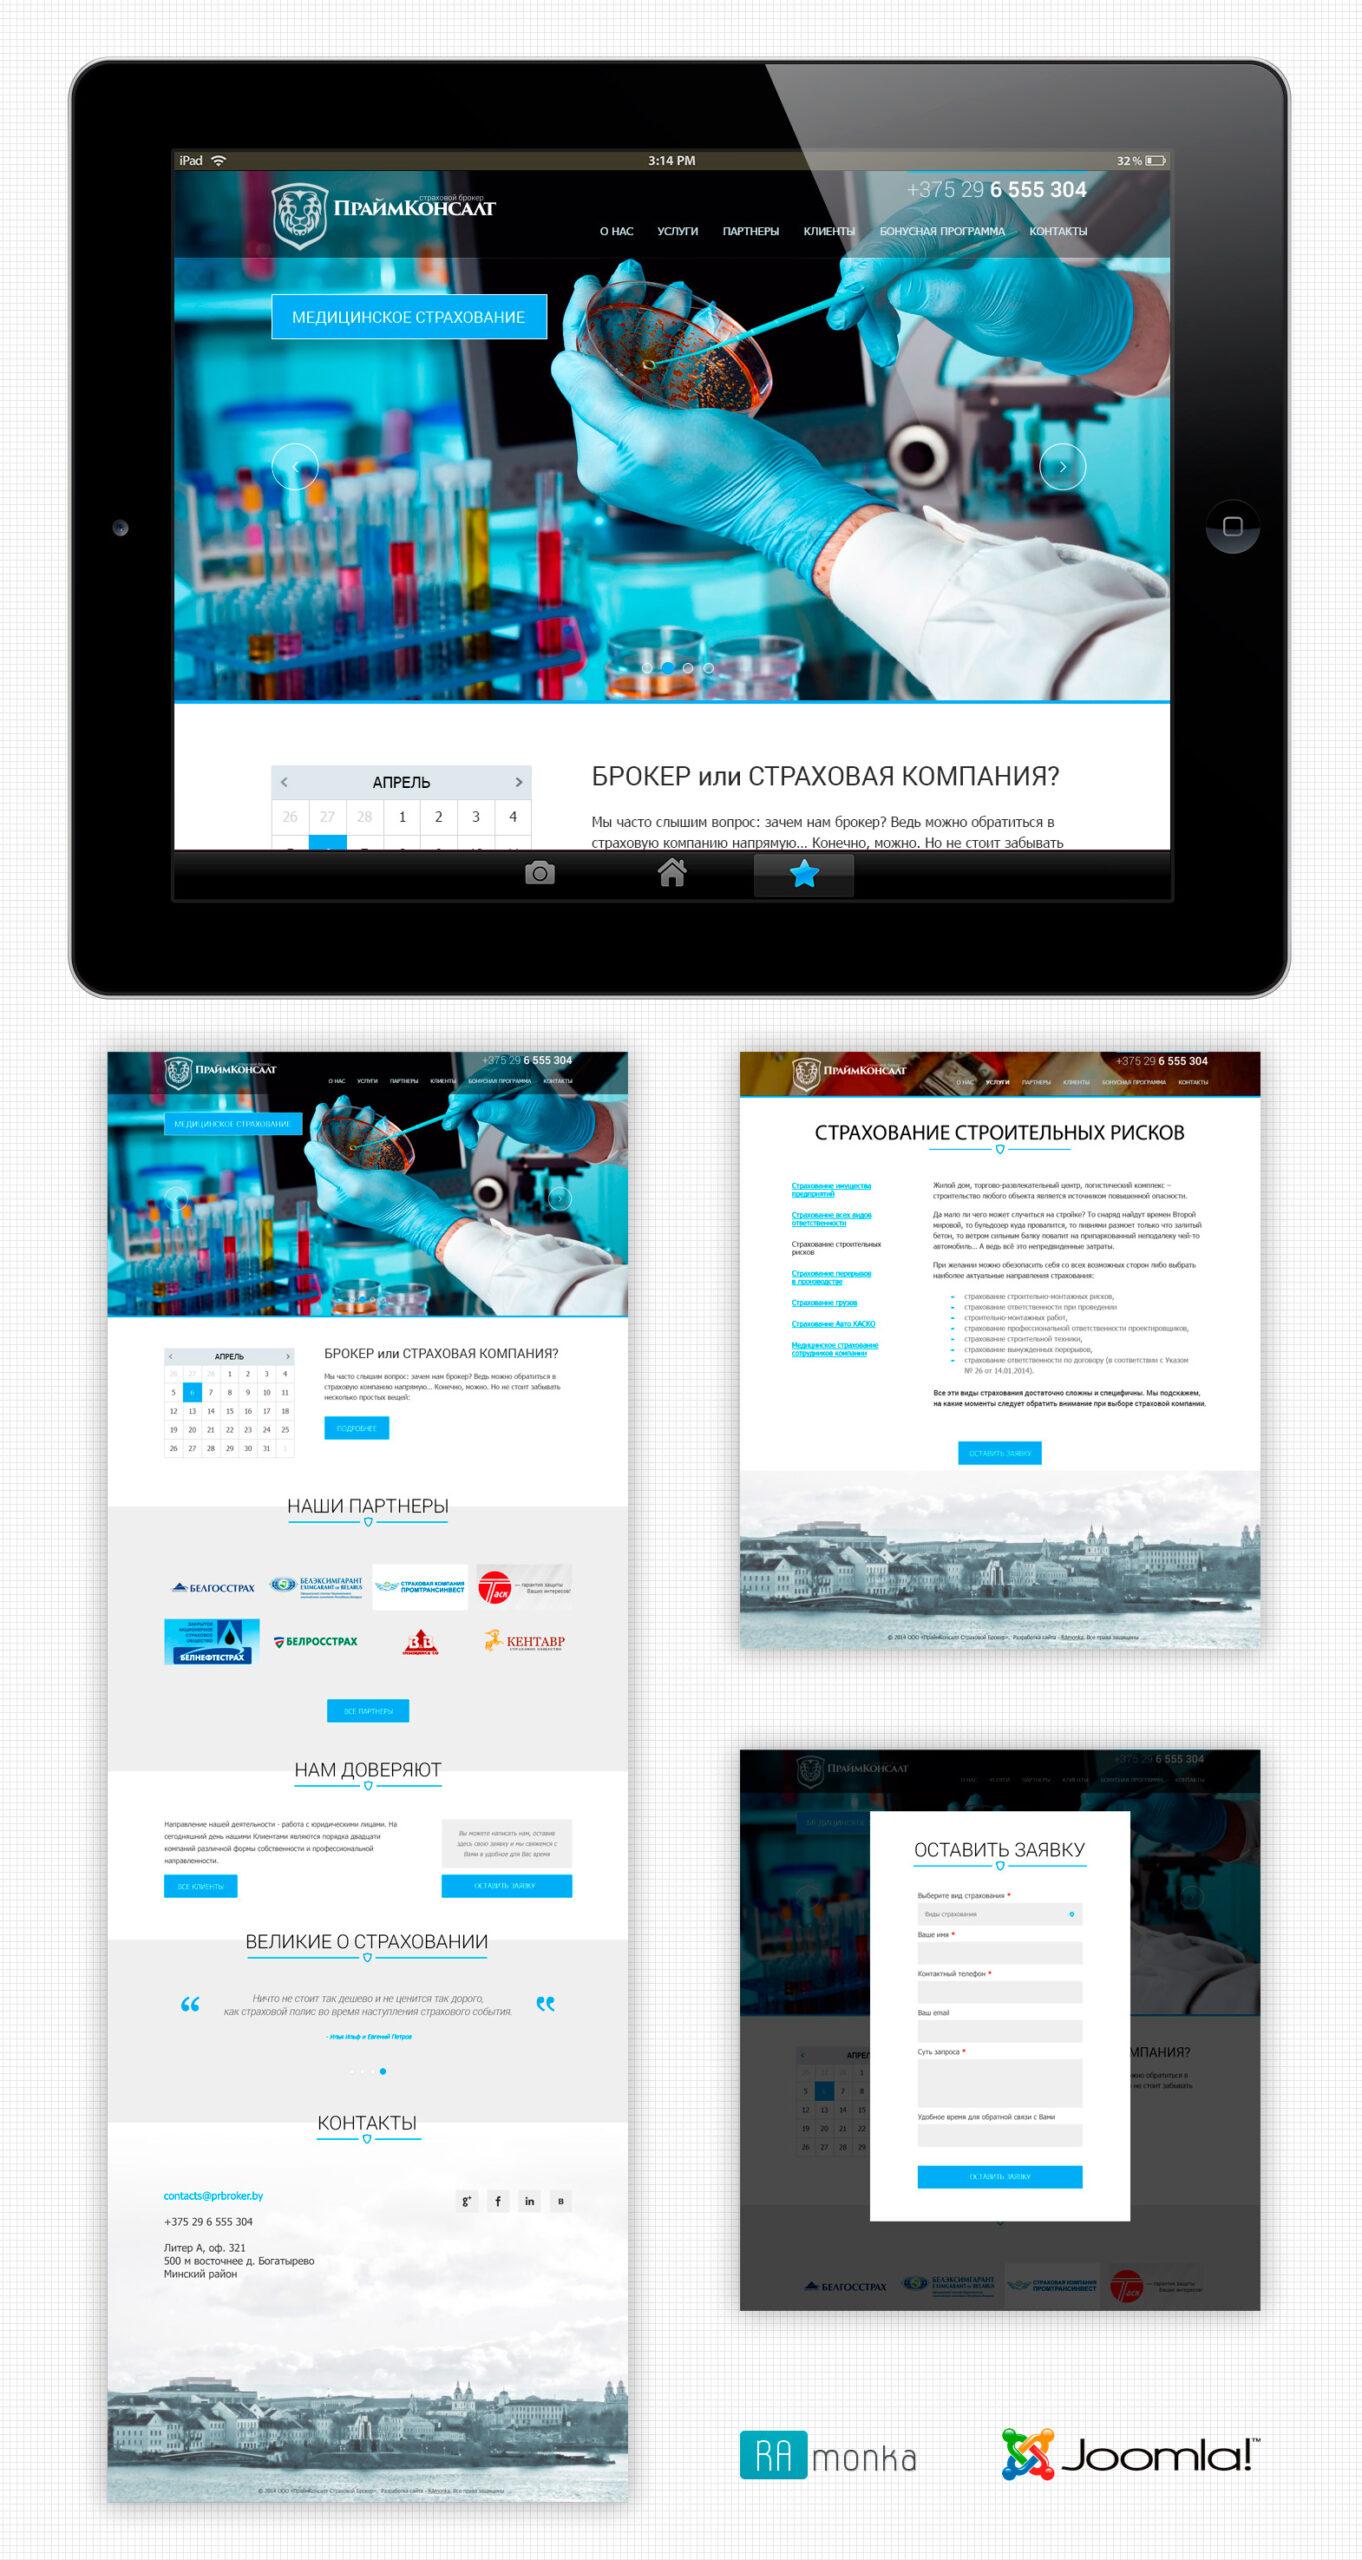 Разработка сайта под ключ на CMS Joomla для страхового брокера ПраймКонсалт